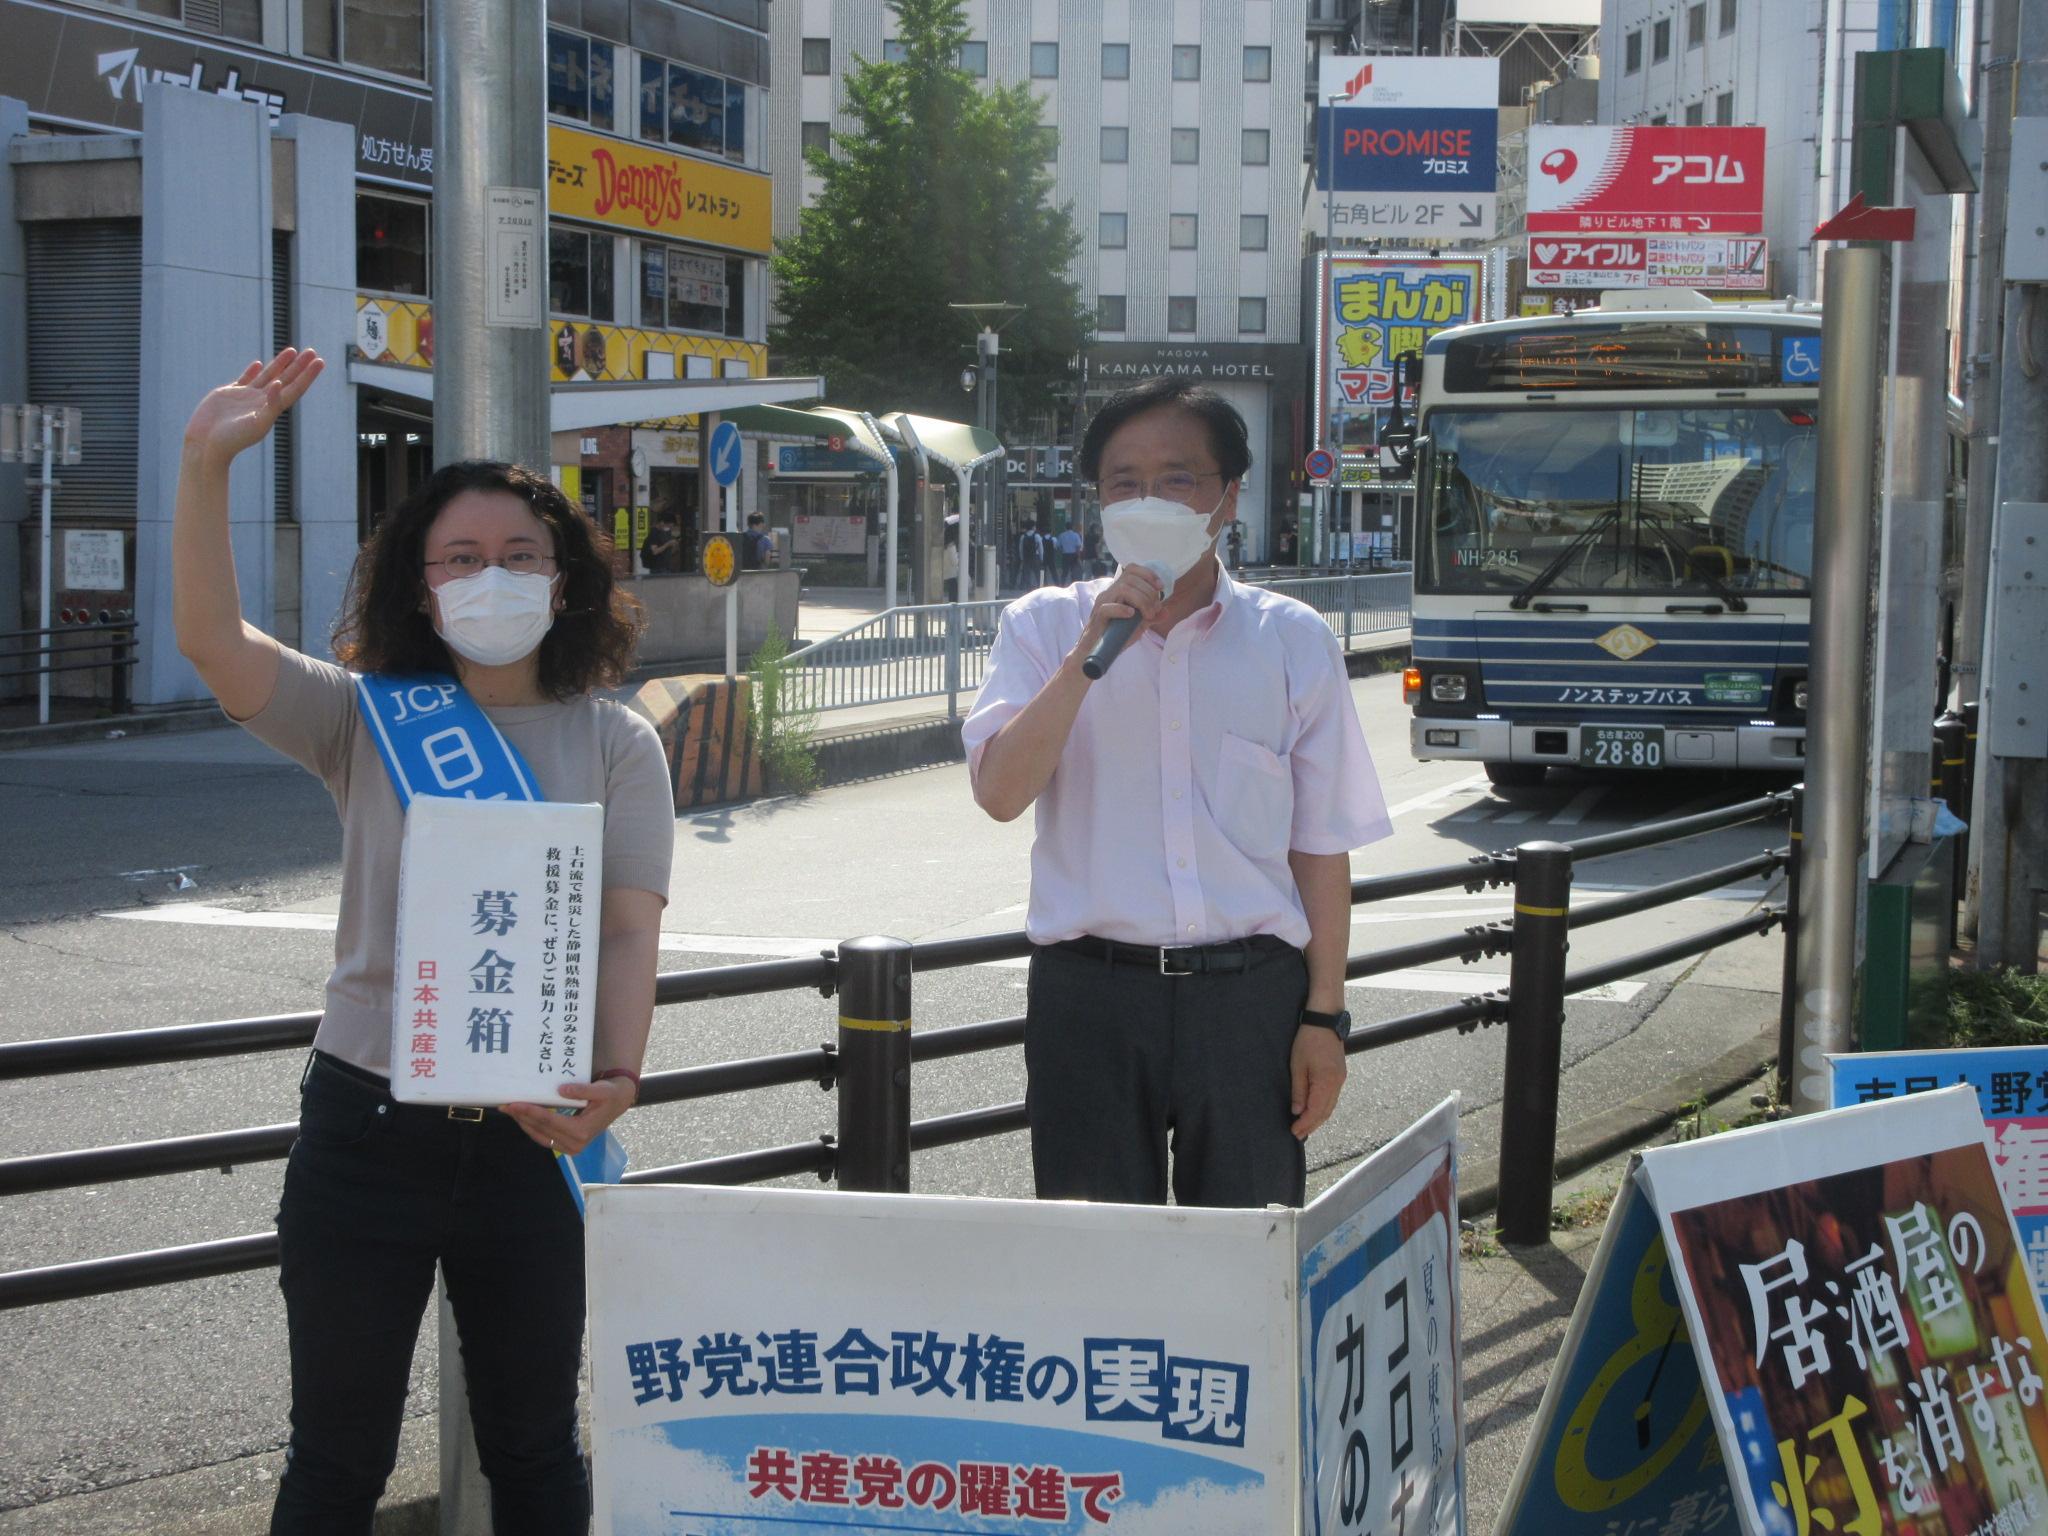 http://www.inoue-satoshi.com/diary/IMG_2656.JPG